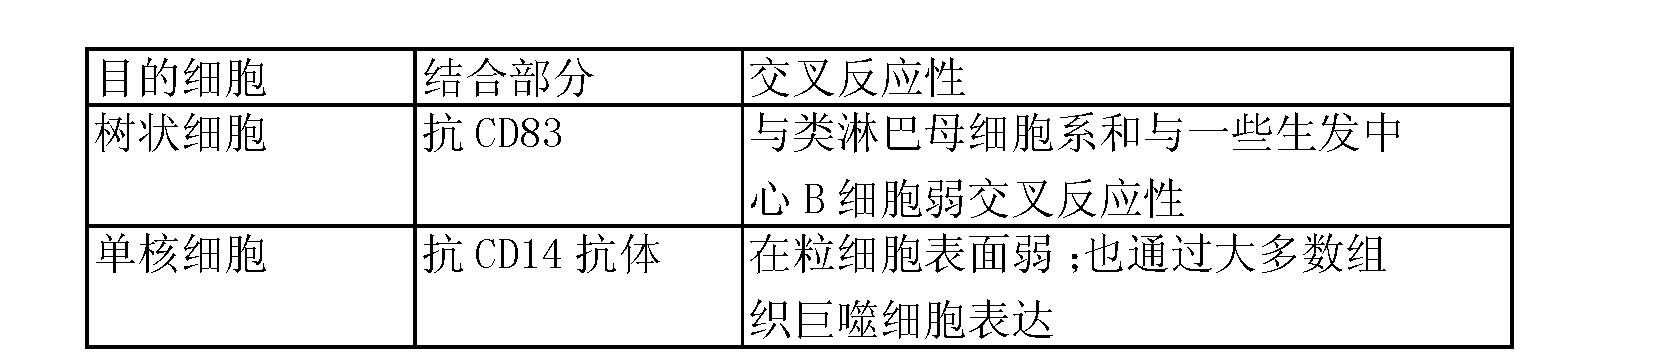 Figure CN101443660BD00112